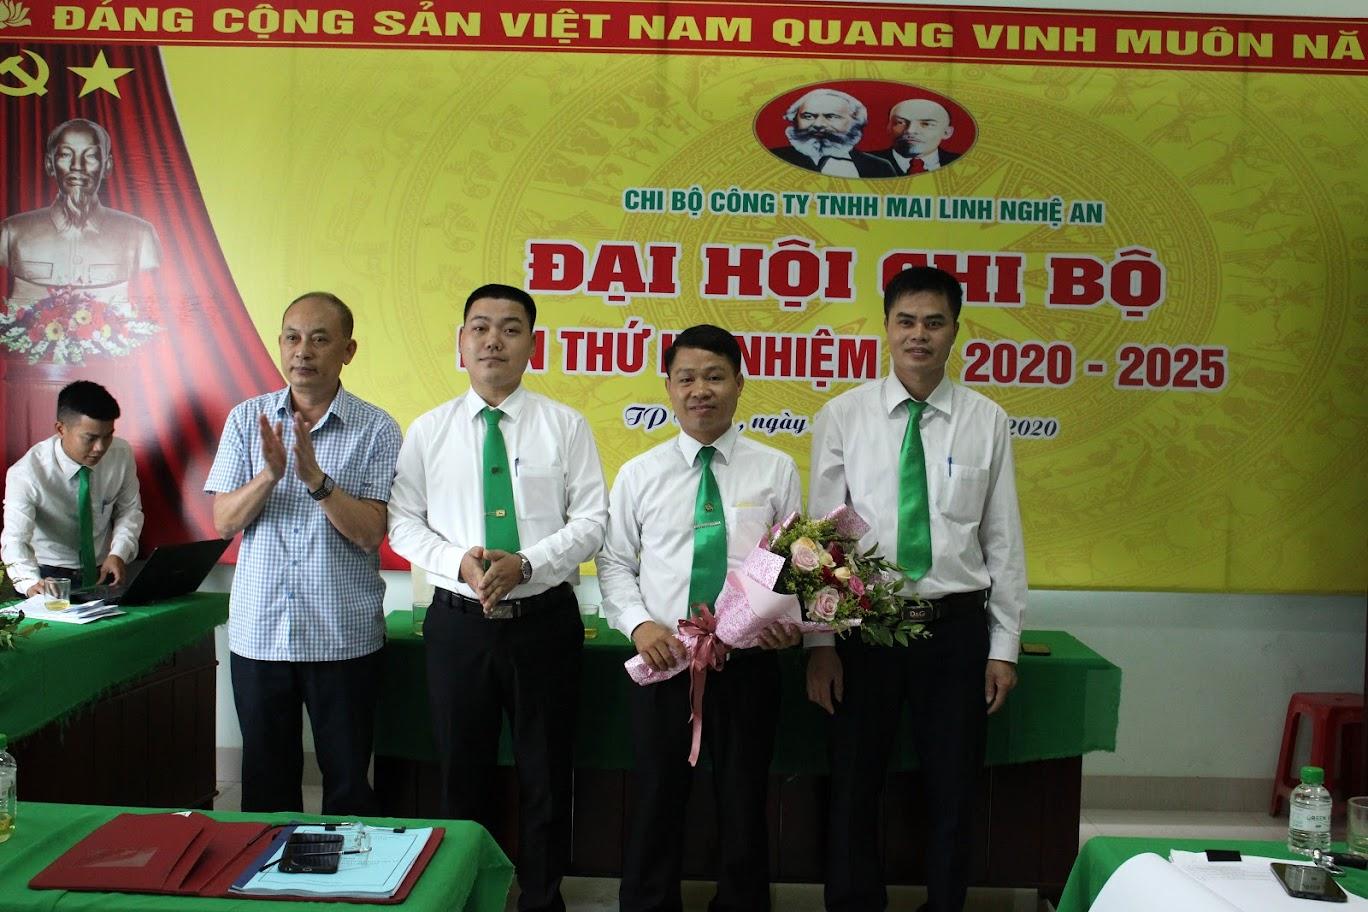 Đại diện Đảng bộ khối Cơ quan doanh nghiệp tỉnh Nghệ An chúc mừng BCH mới nhiệm kỳ 2020 – 2025